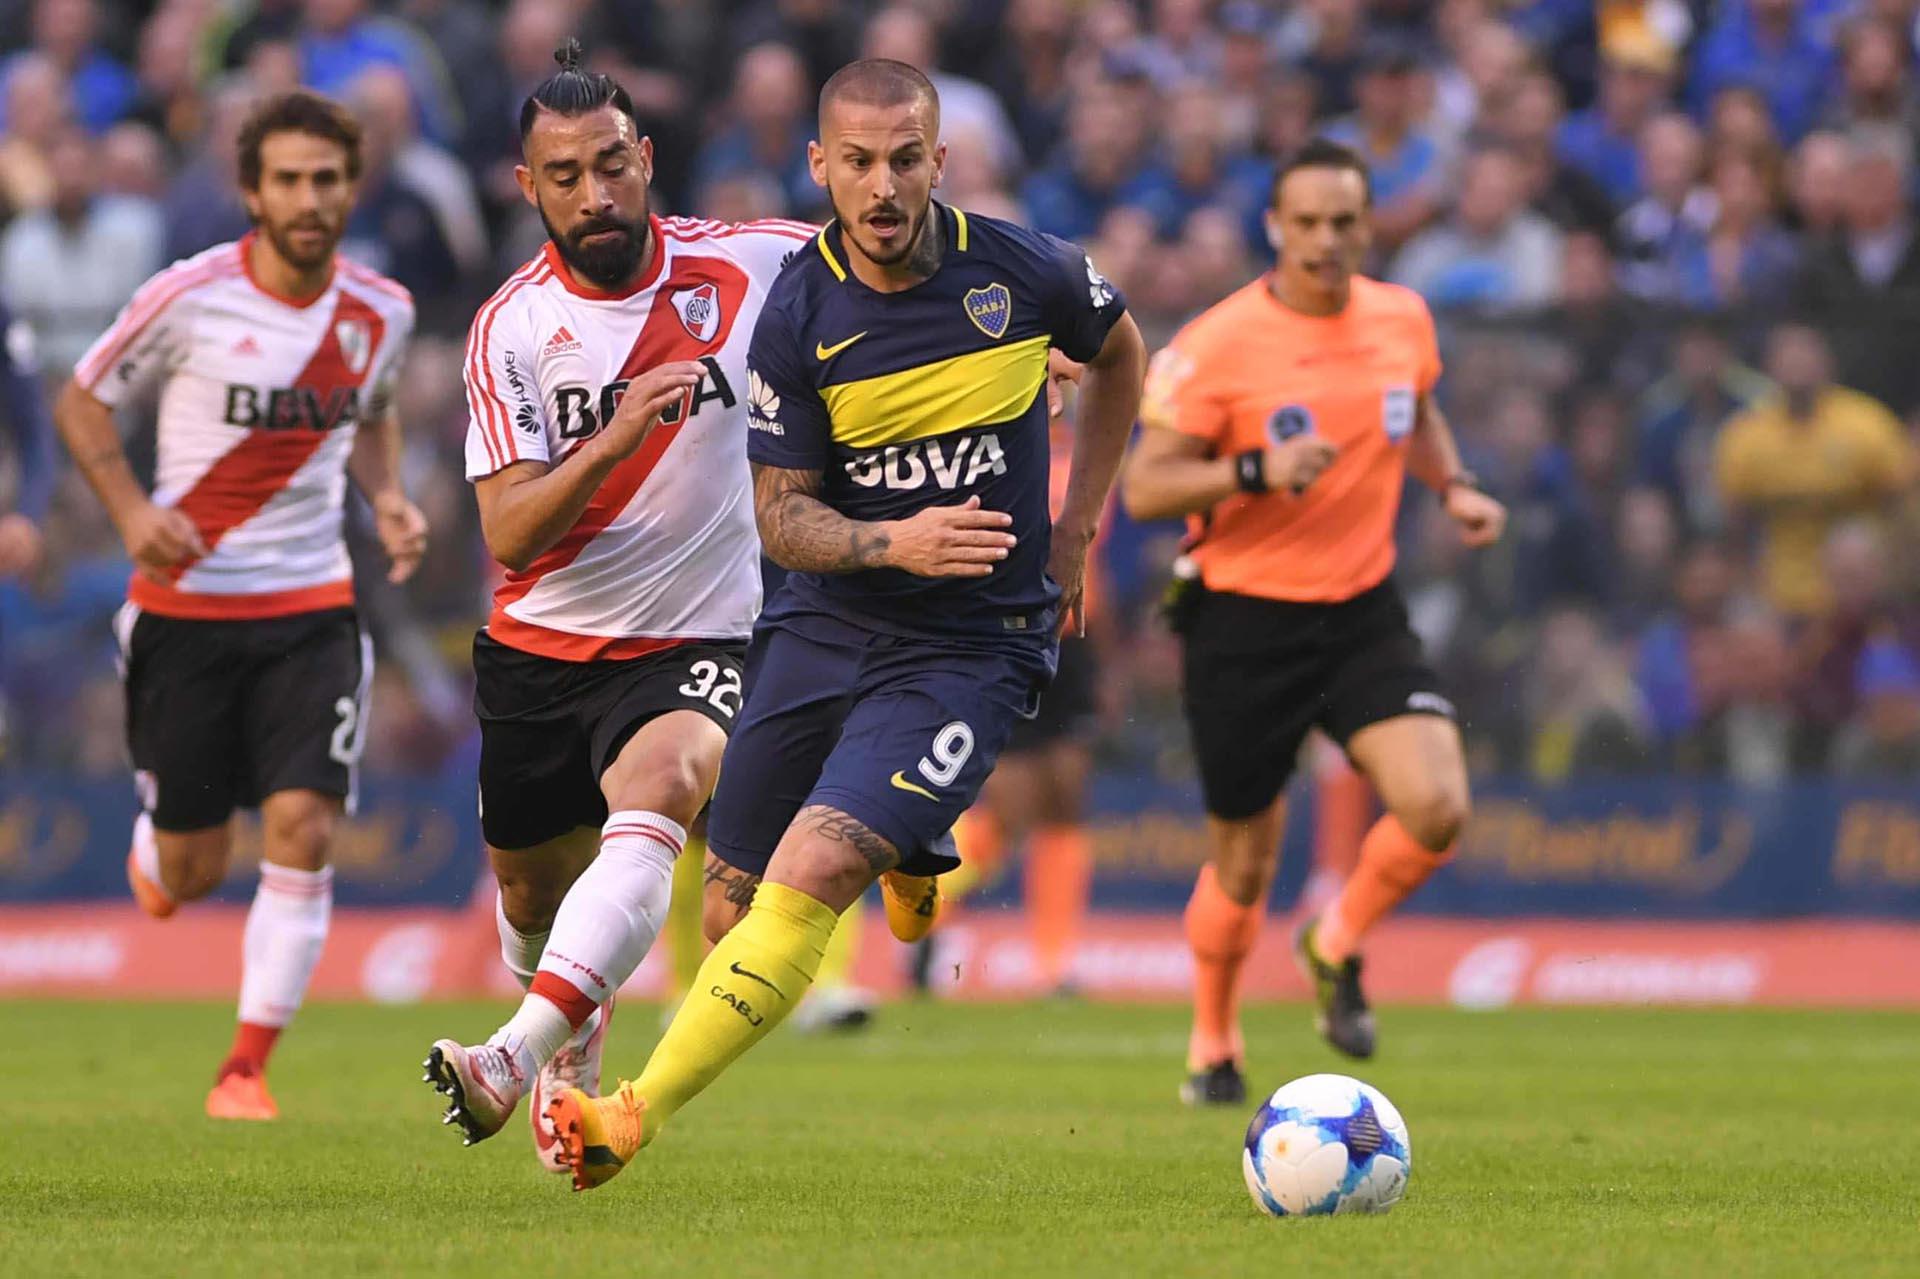 Darío Benedetto se escapa con la pelota, Ariel Rojas corre al acecho